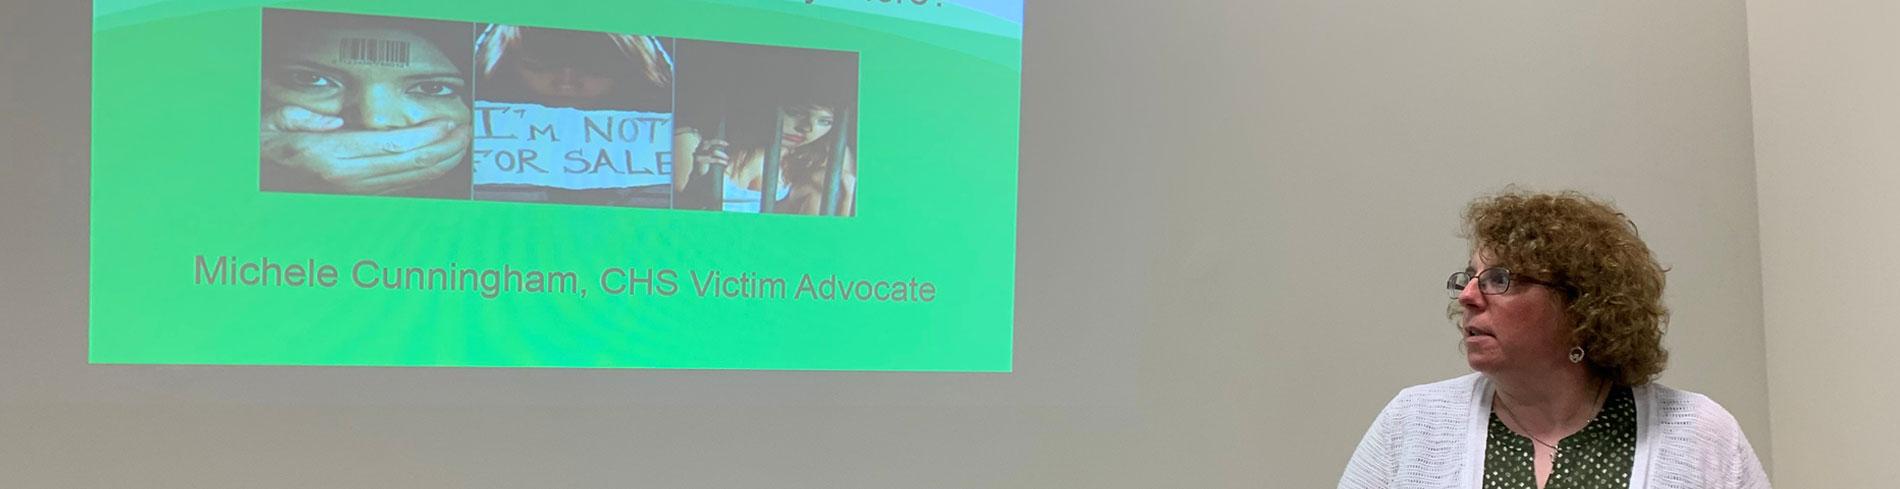 Una empleada de la Sociedad Auditiva de Chicago haciendo una presentación sobre ser un defensor de una víctima.